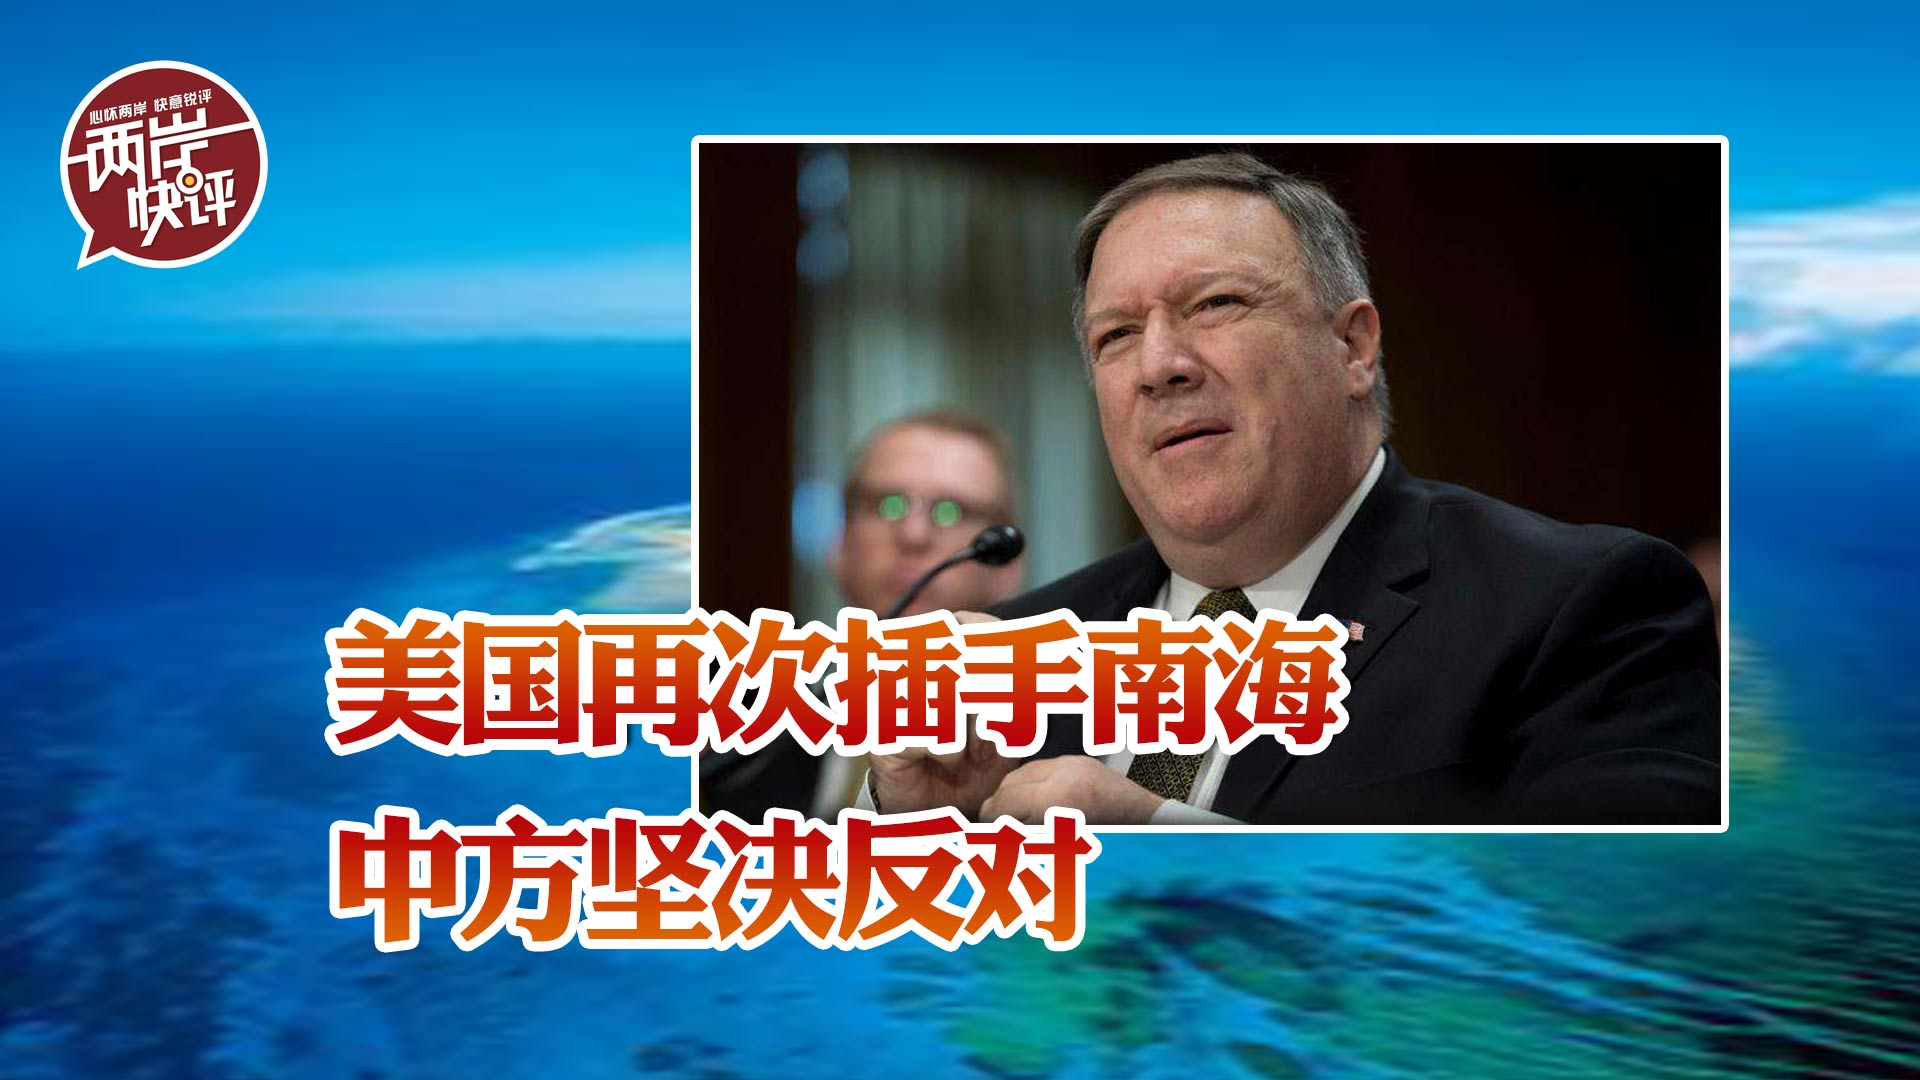 美國妄議中國南海主權,挑撥離間的圖謀絕不會得逞圖片